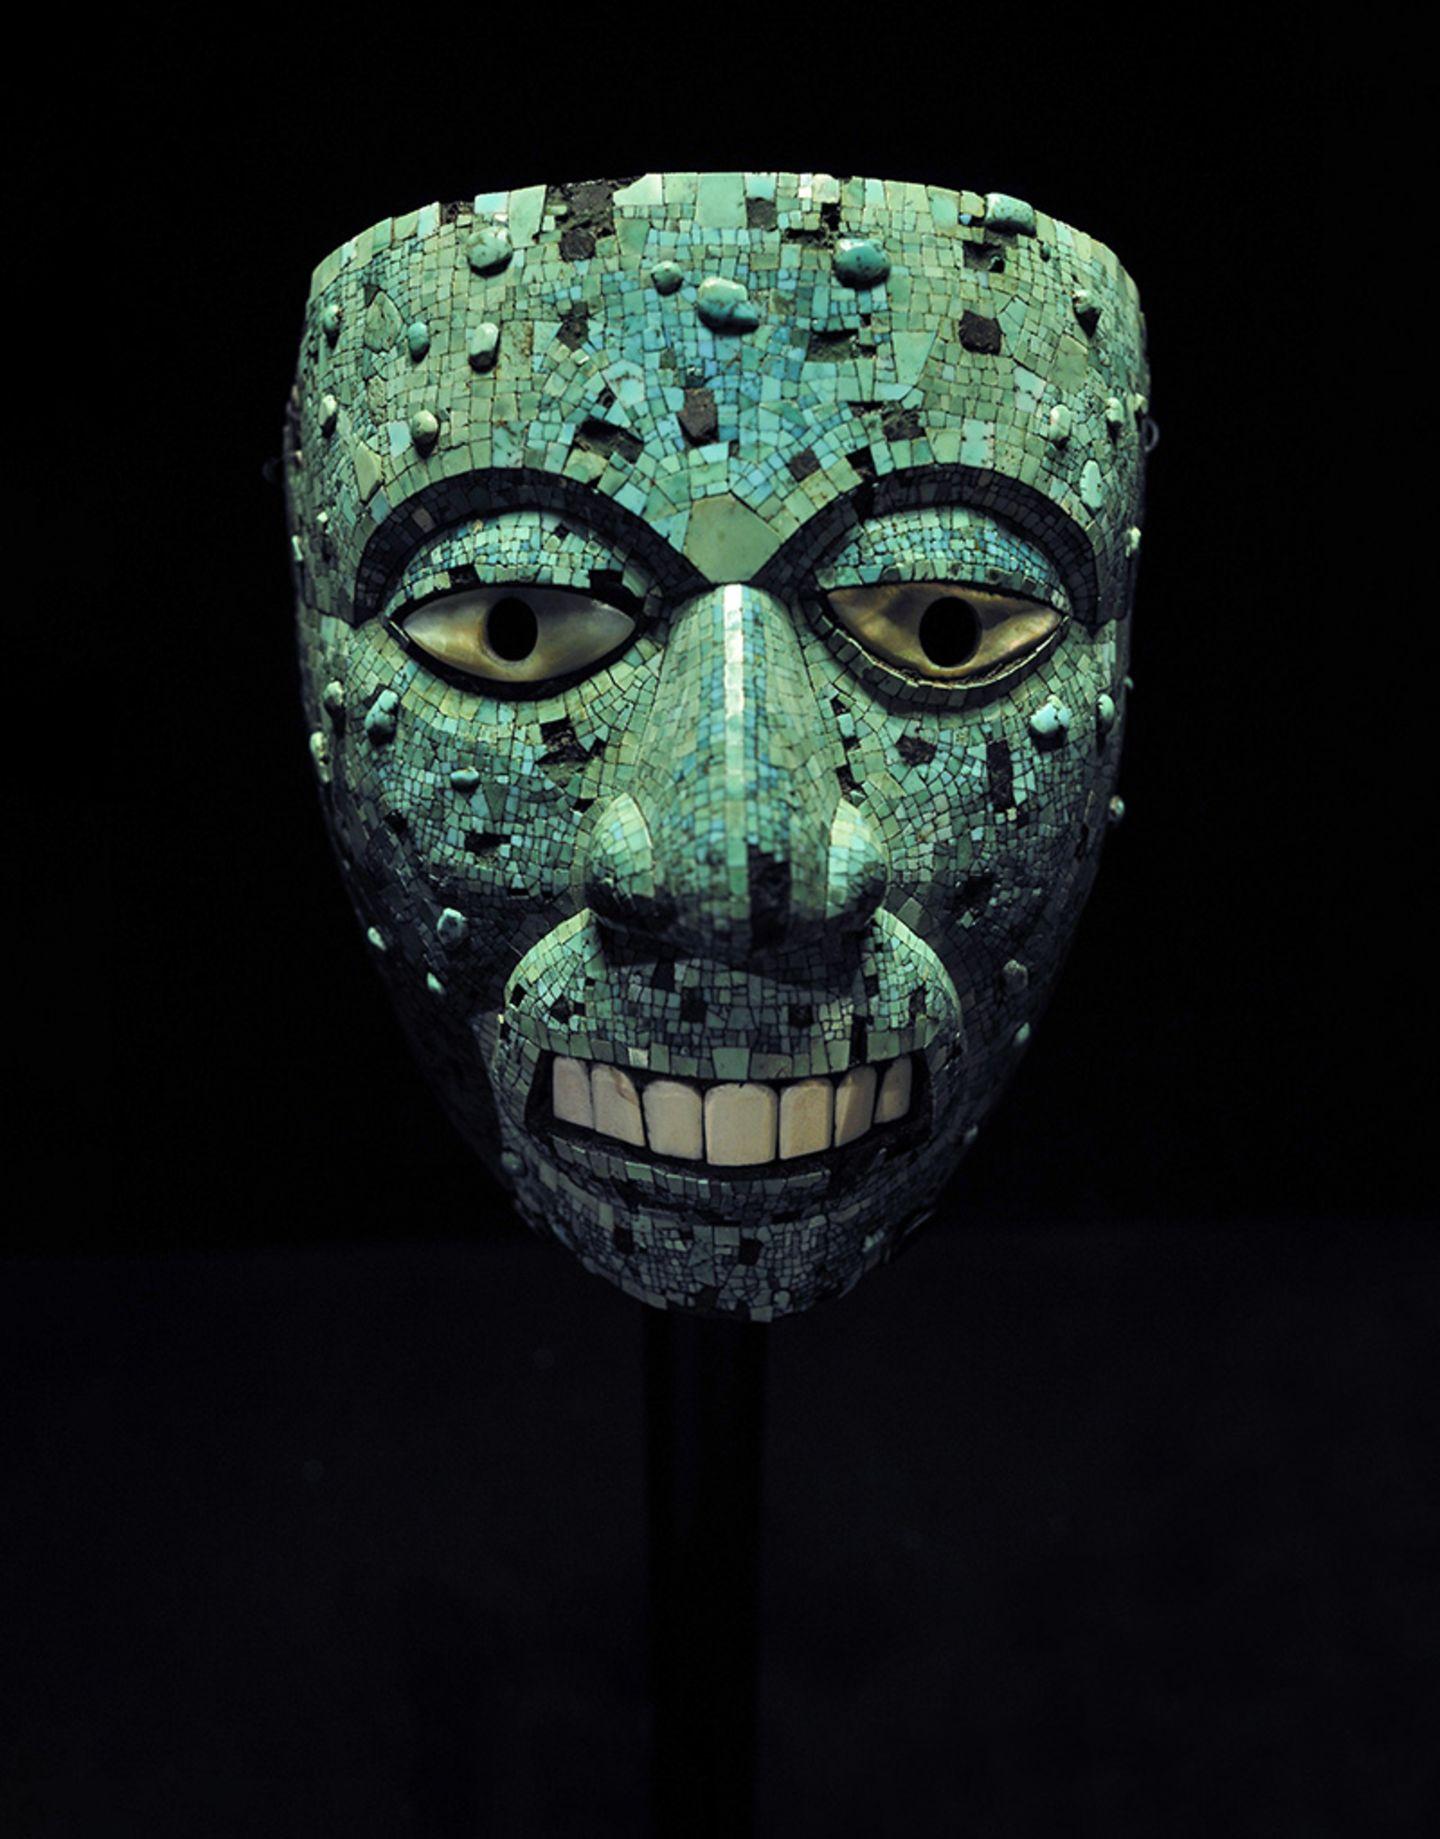 Eroberung des Aztekenreichs: Finster und unheimlich wie diese Ritualmaske aus Türkis erscheint die Kultur der Azteken. Doch das Bild, das wir von ihnen haben, ist grotesk verzerrt. Es ist das Ergebnis eines Rufmords an der Zvilisation Mittelamerikas